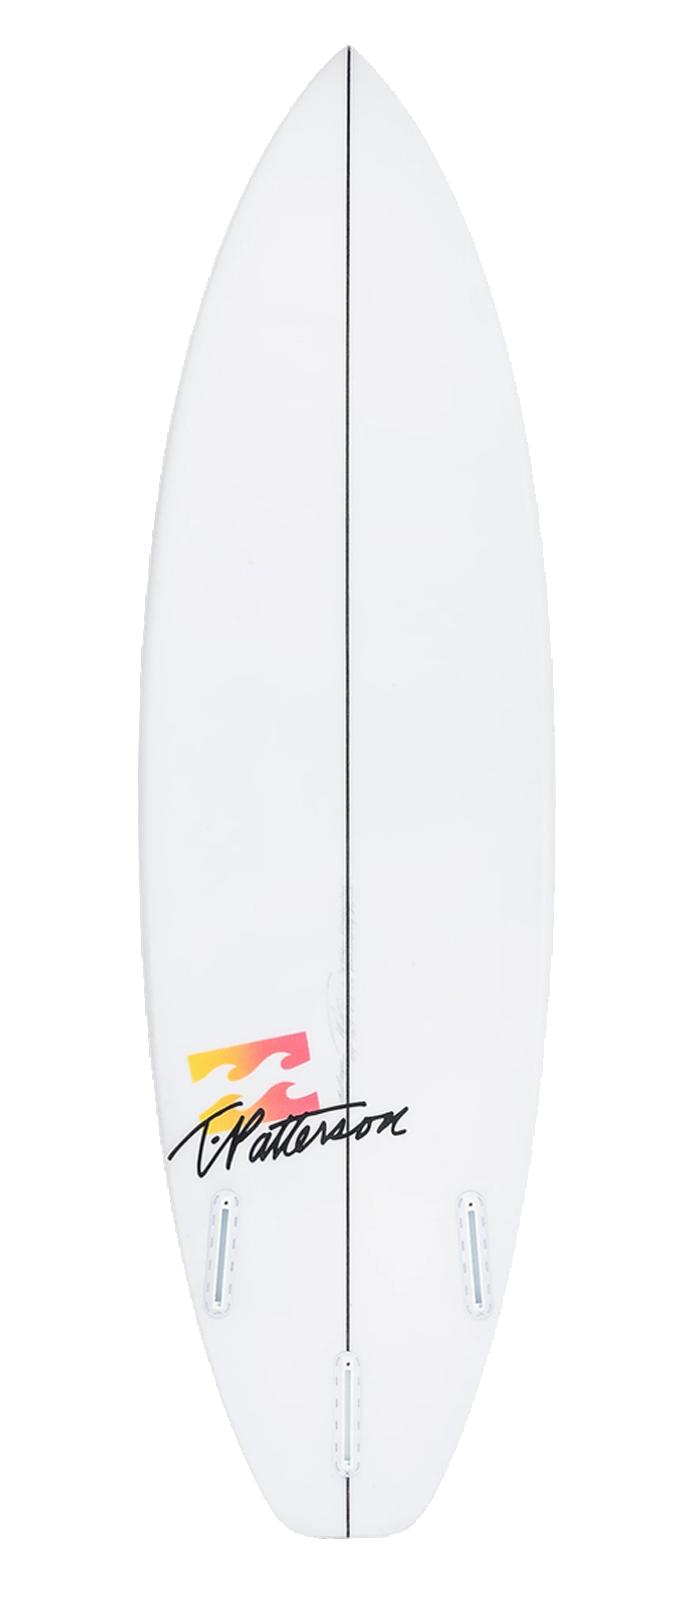 STOKE-ED surfboard model bottom